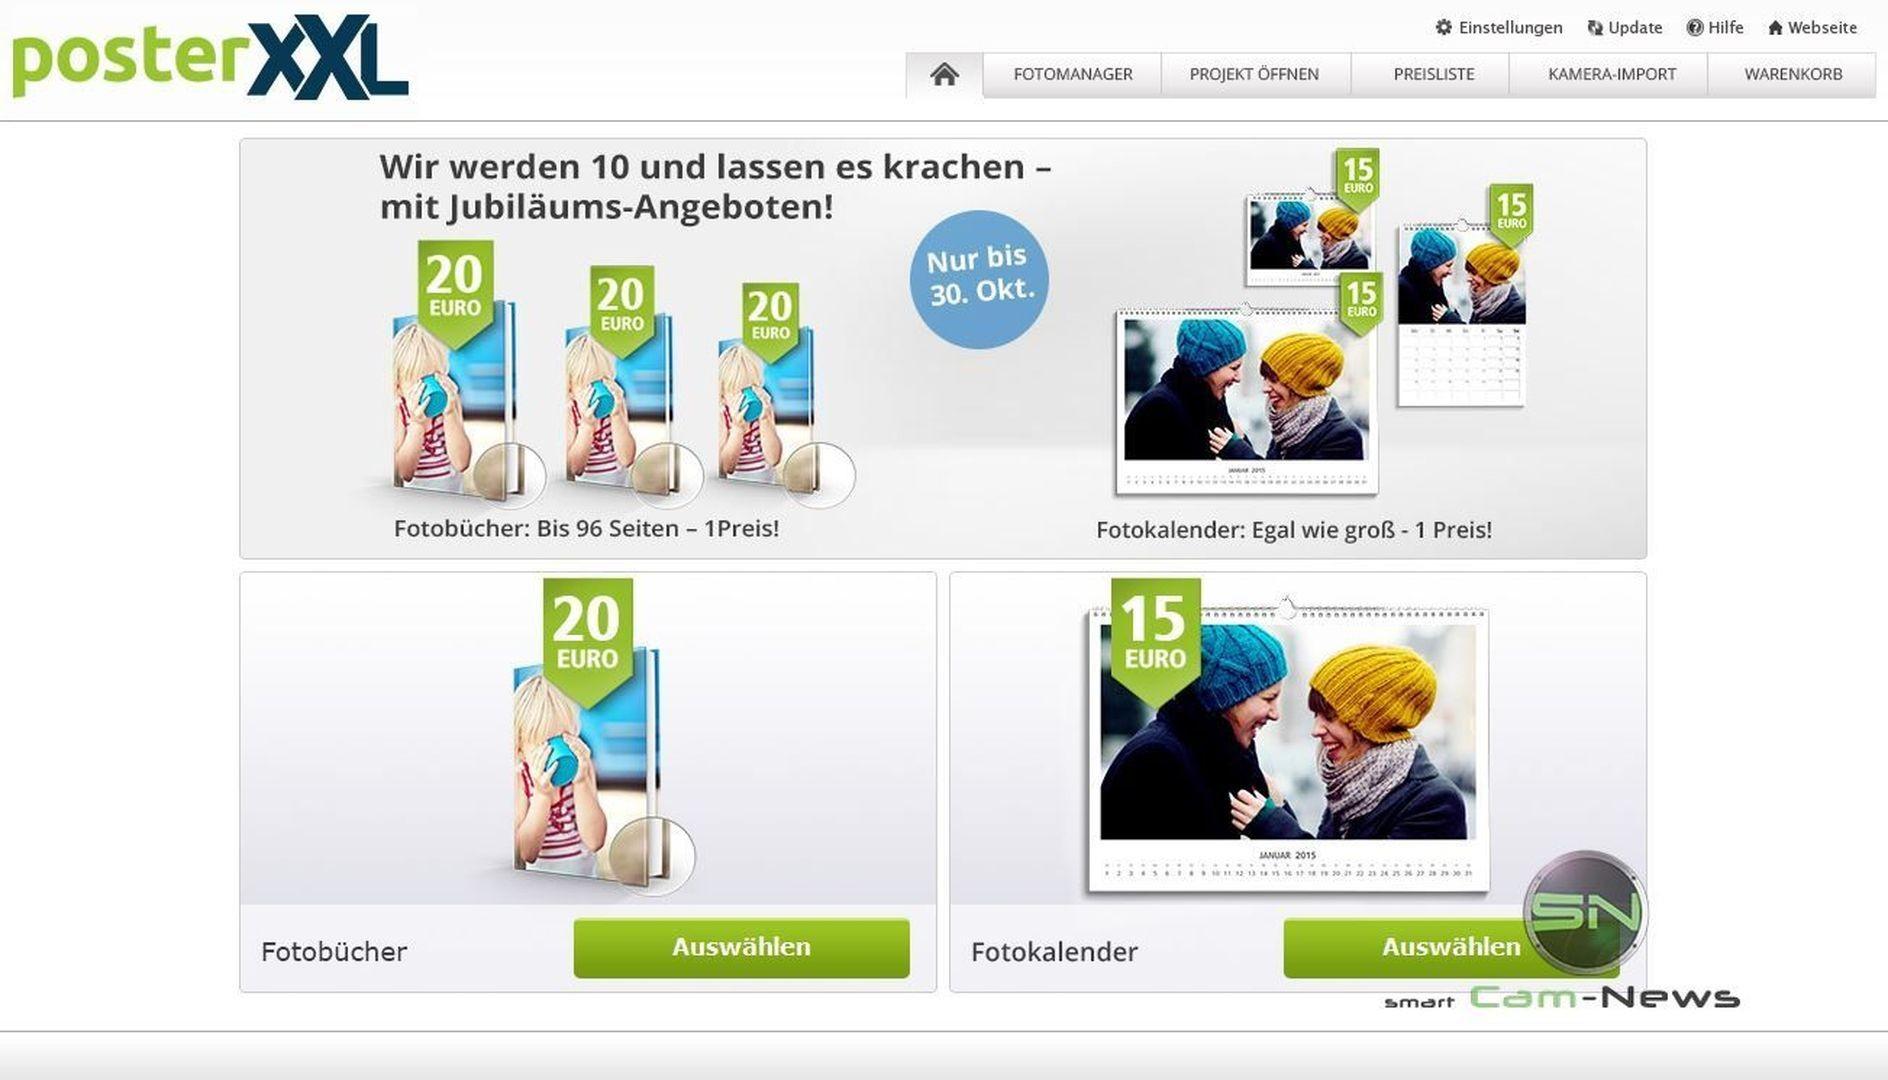 Startseite Poster XXL - smartcamnews.eu